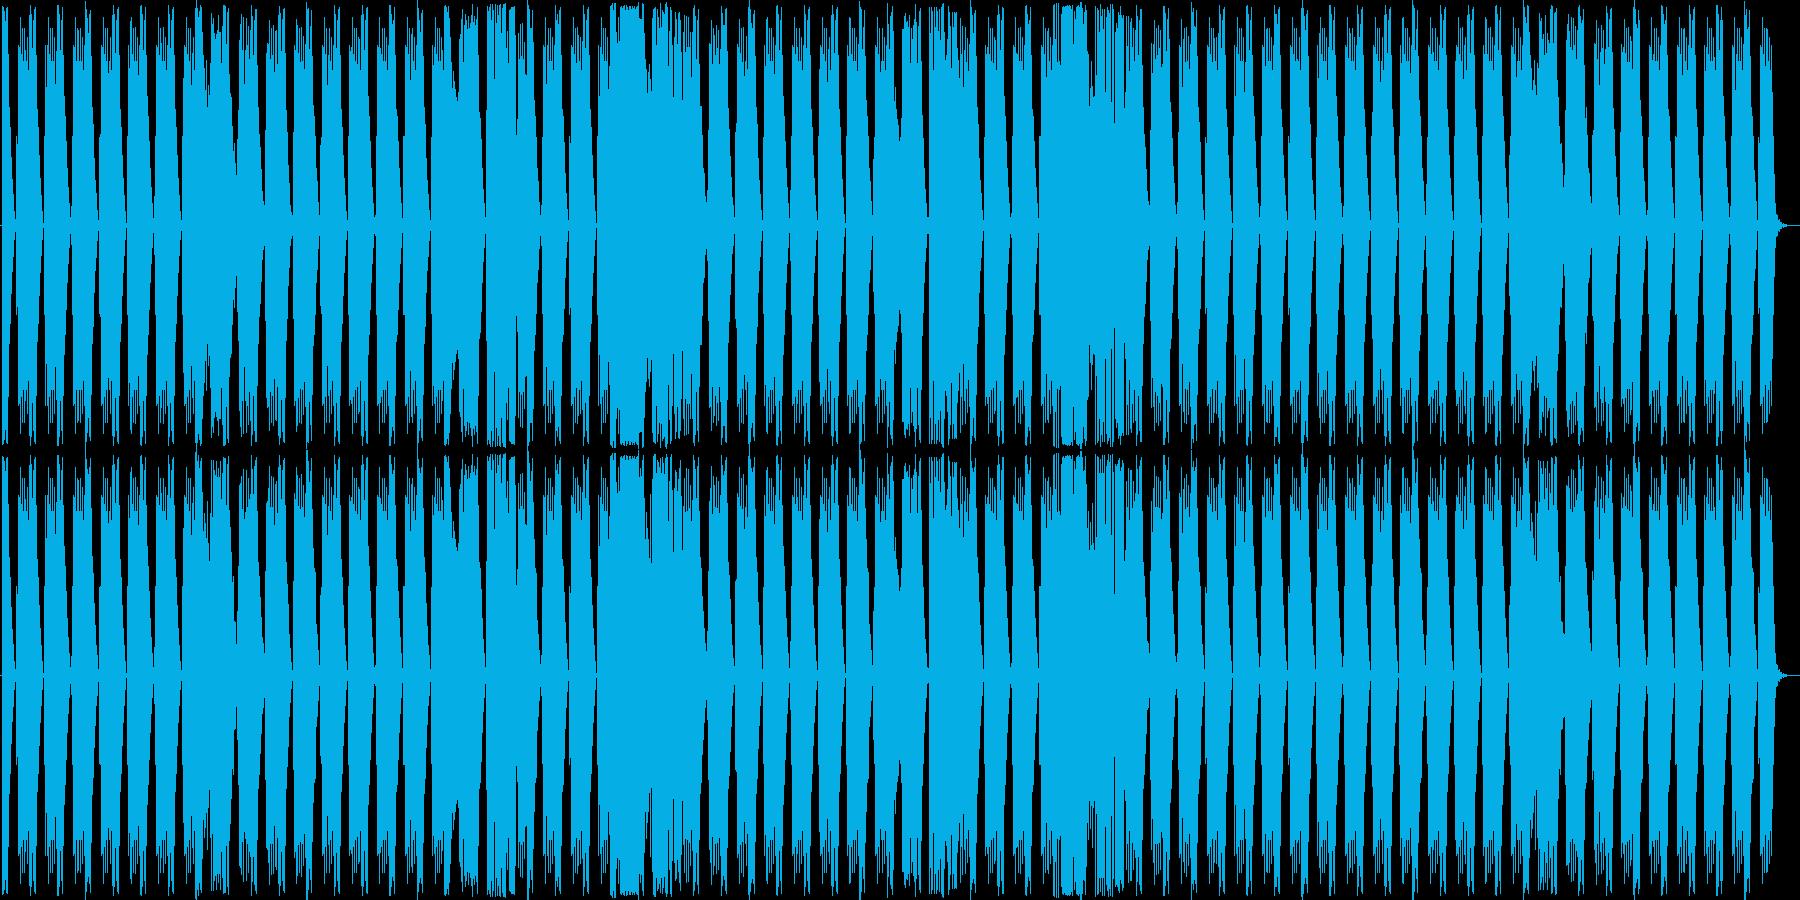 殆どリズムだけの短い曲ですの再生済みの波形